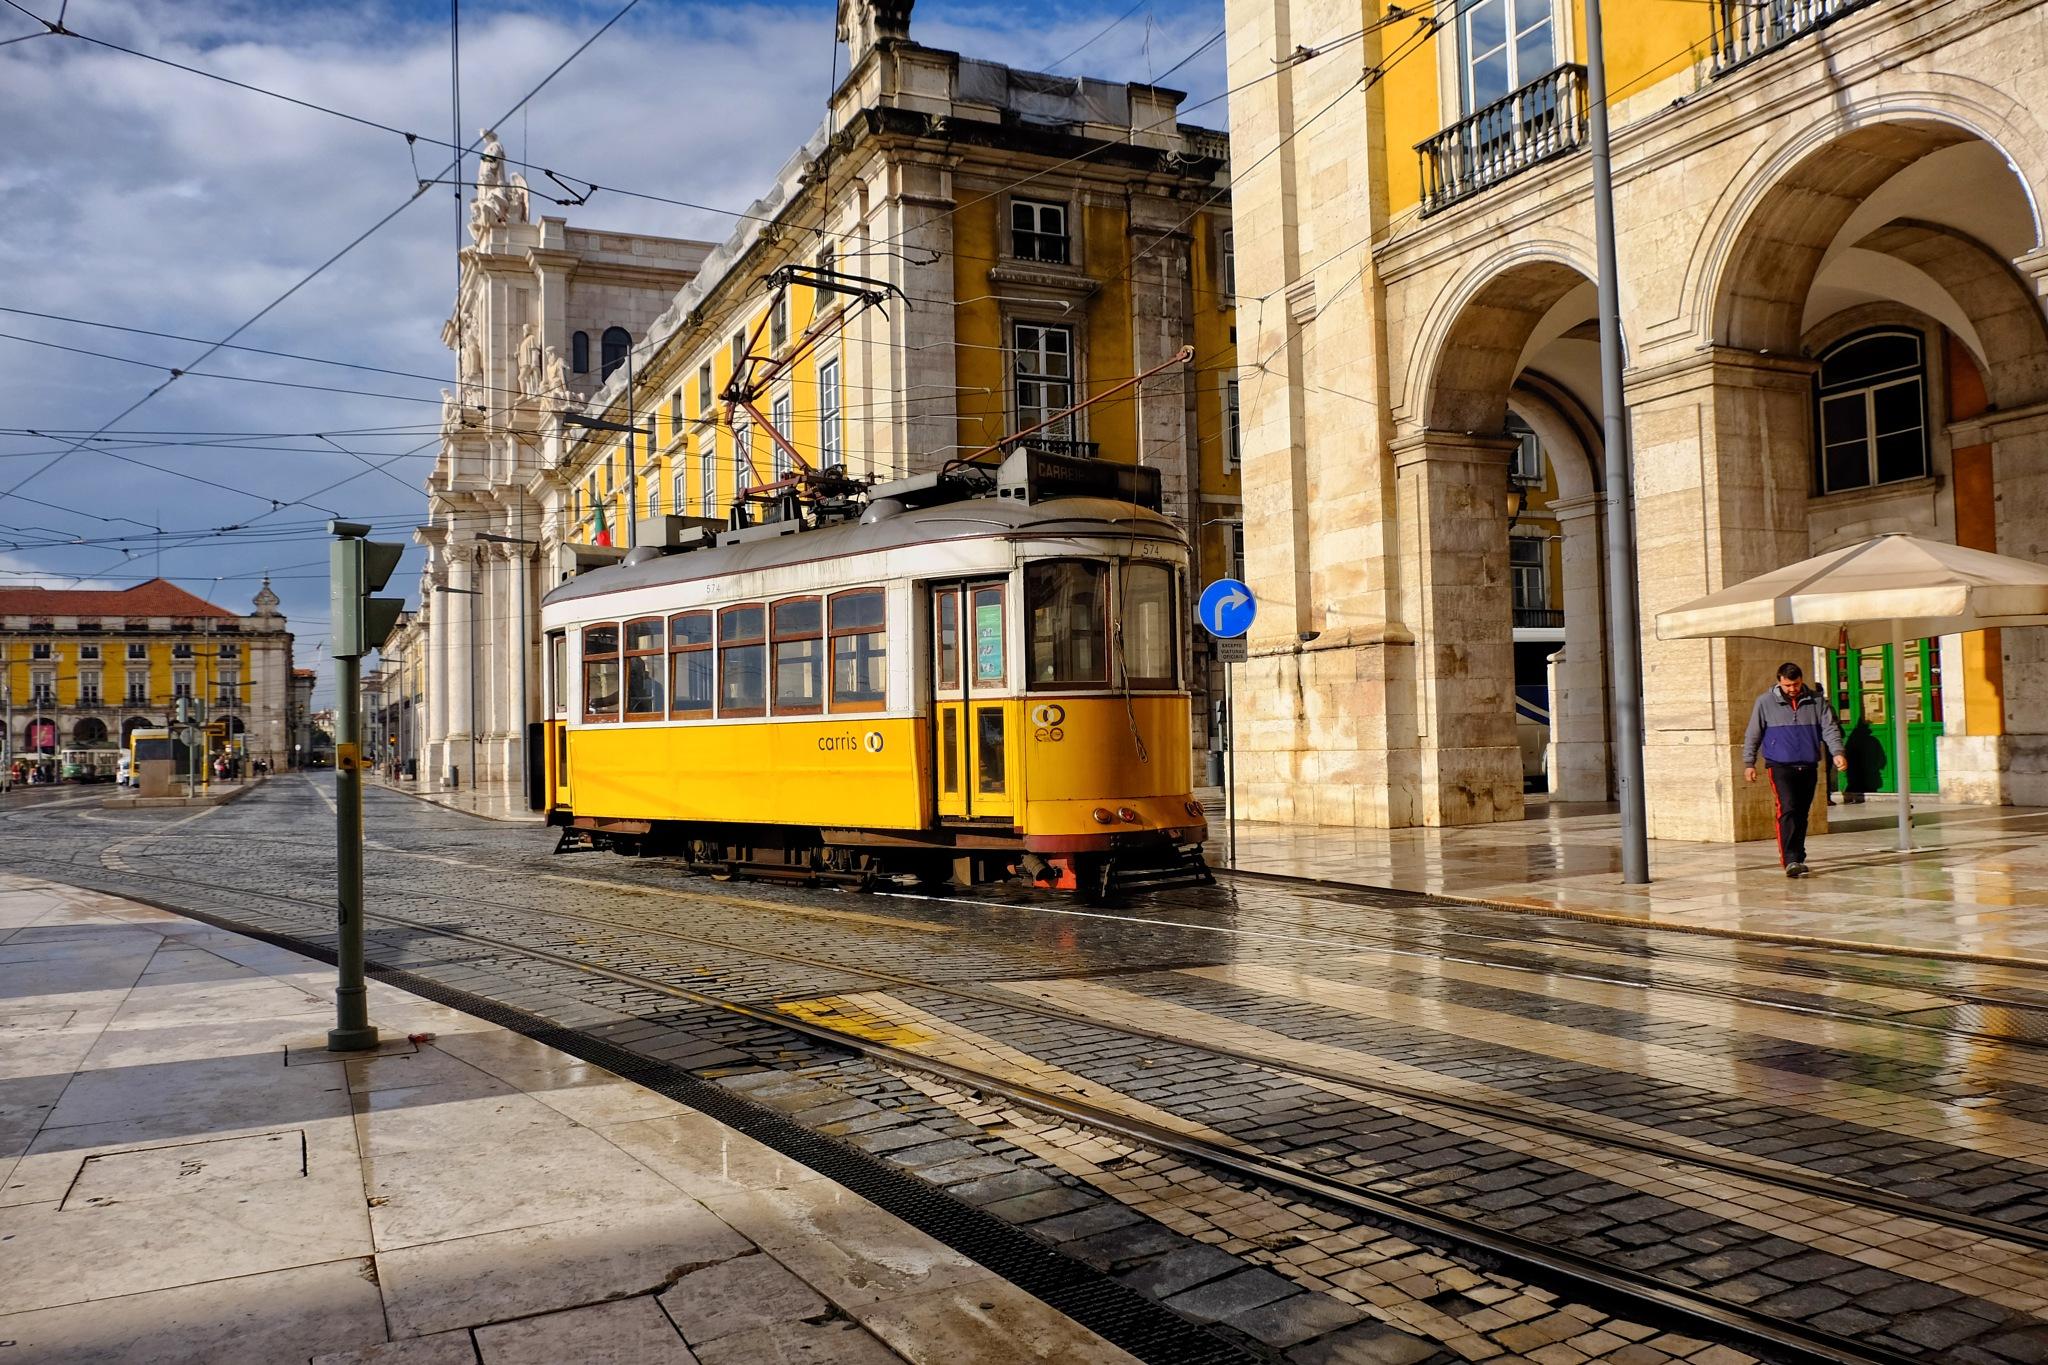 Tram (Eléctrico) by Vítor Martins